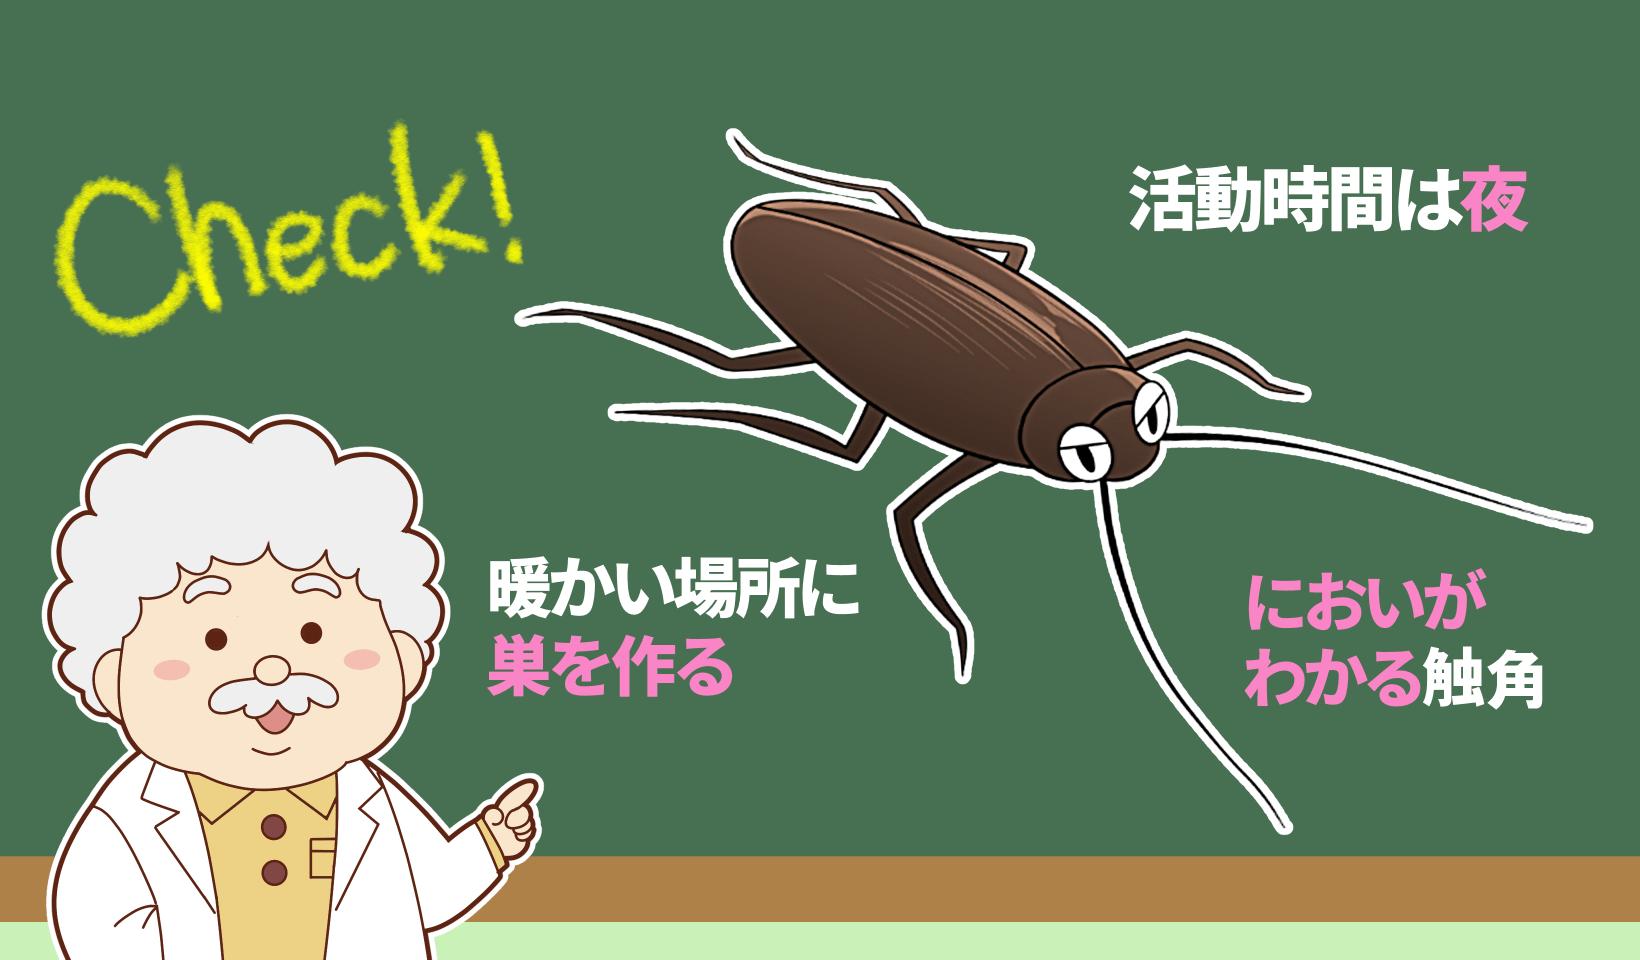 ゴキブリについて説明するごきた博士